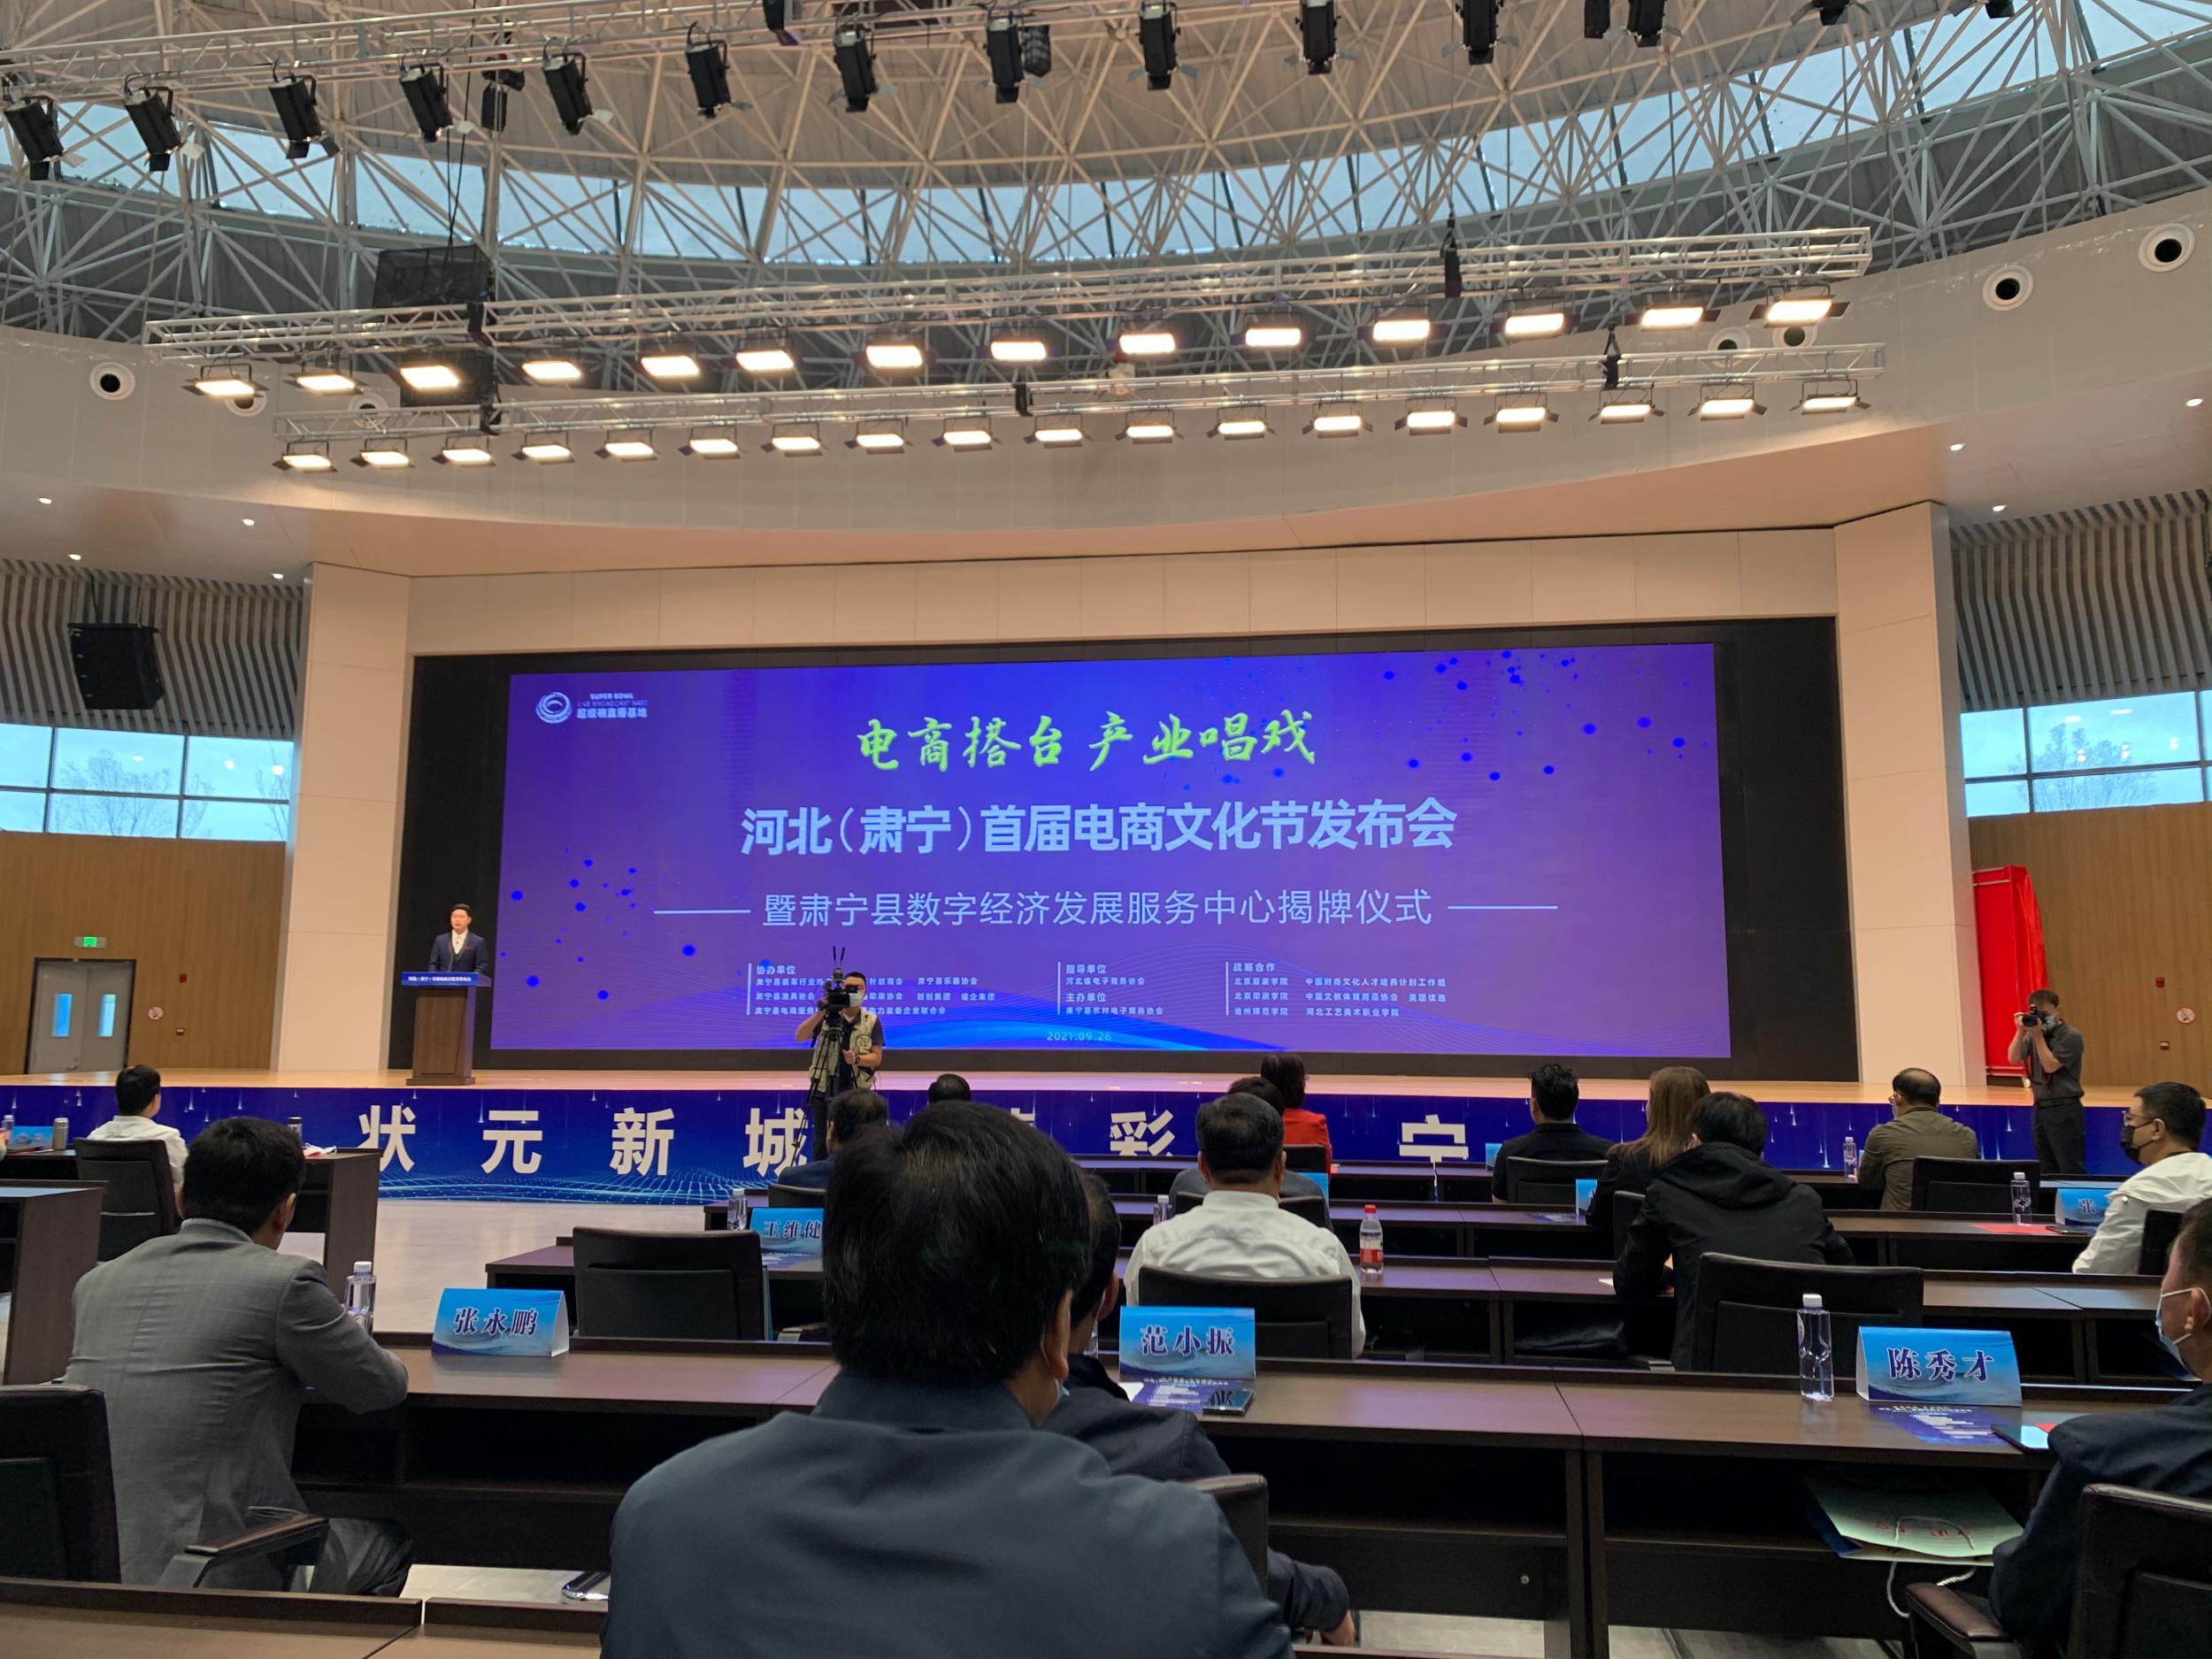 河北肅寧舉辦首屆電商文化節發布會